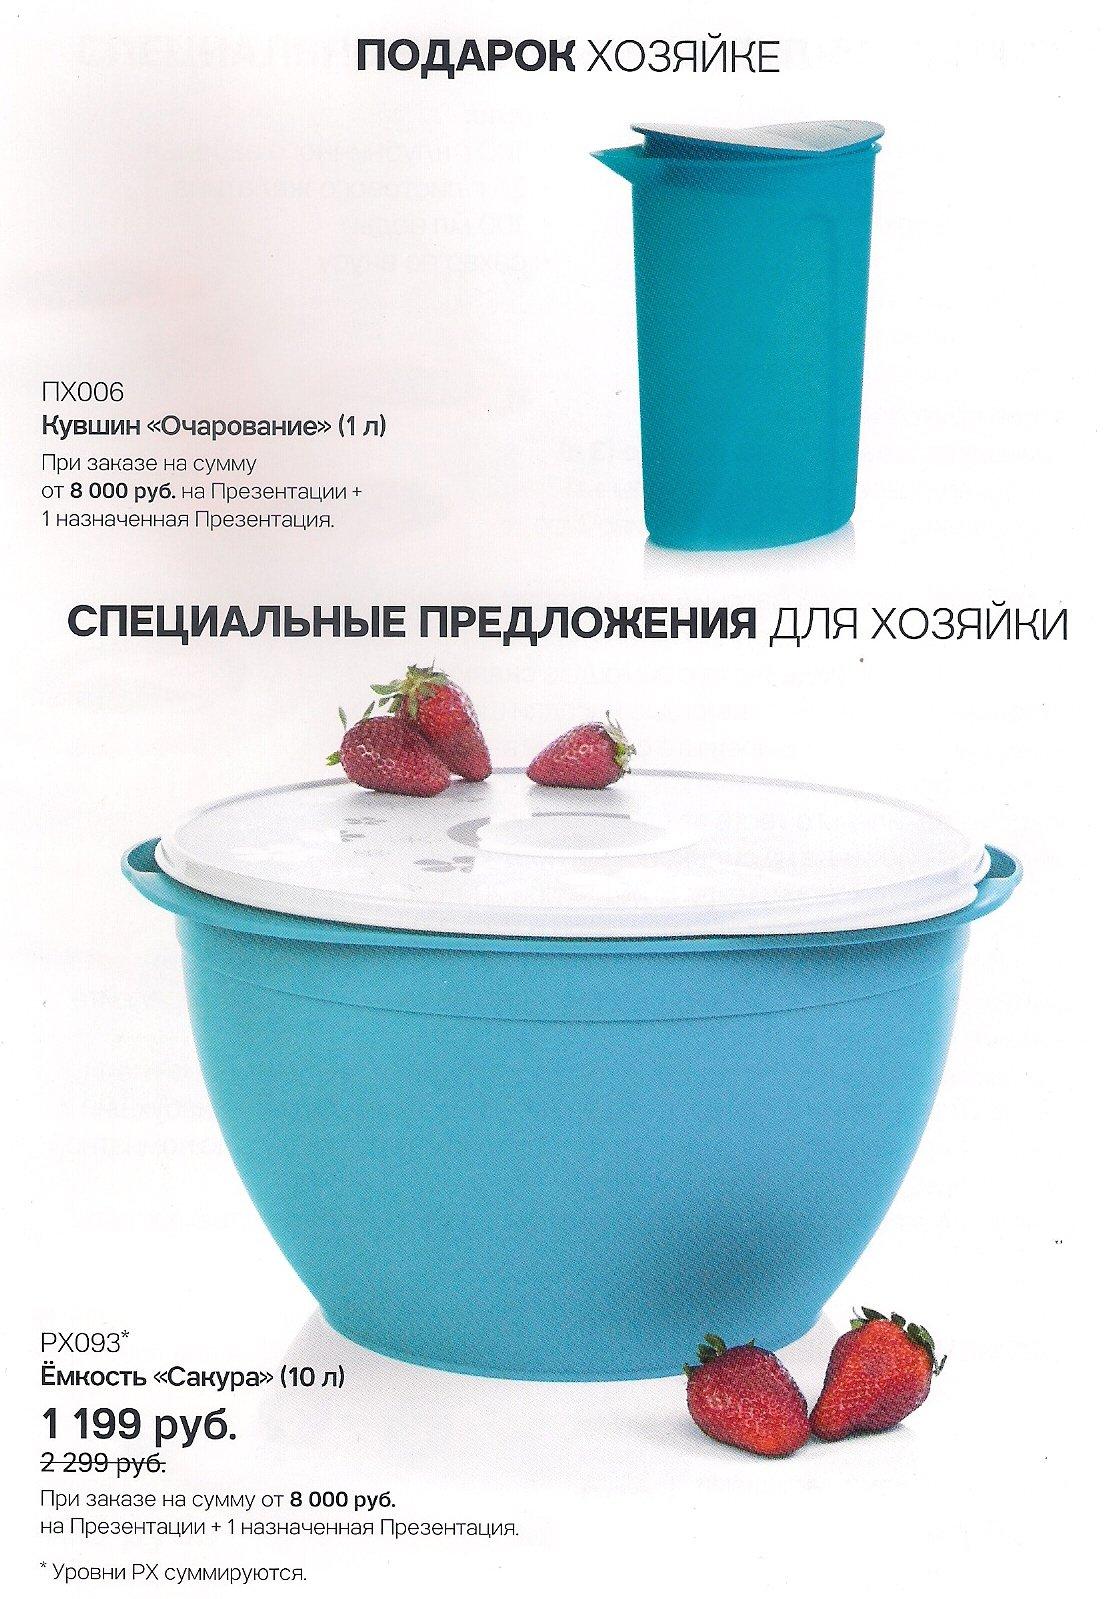 https://tupperware-online.ru/images/upload/s3.jpg